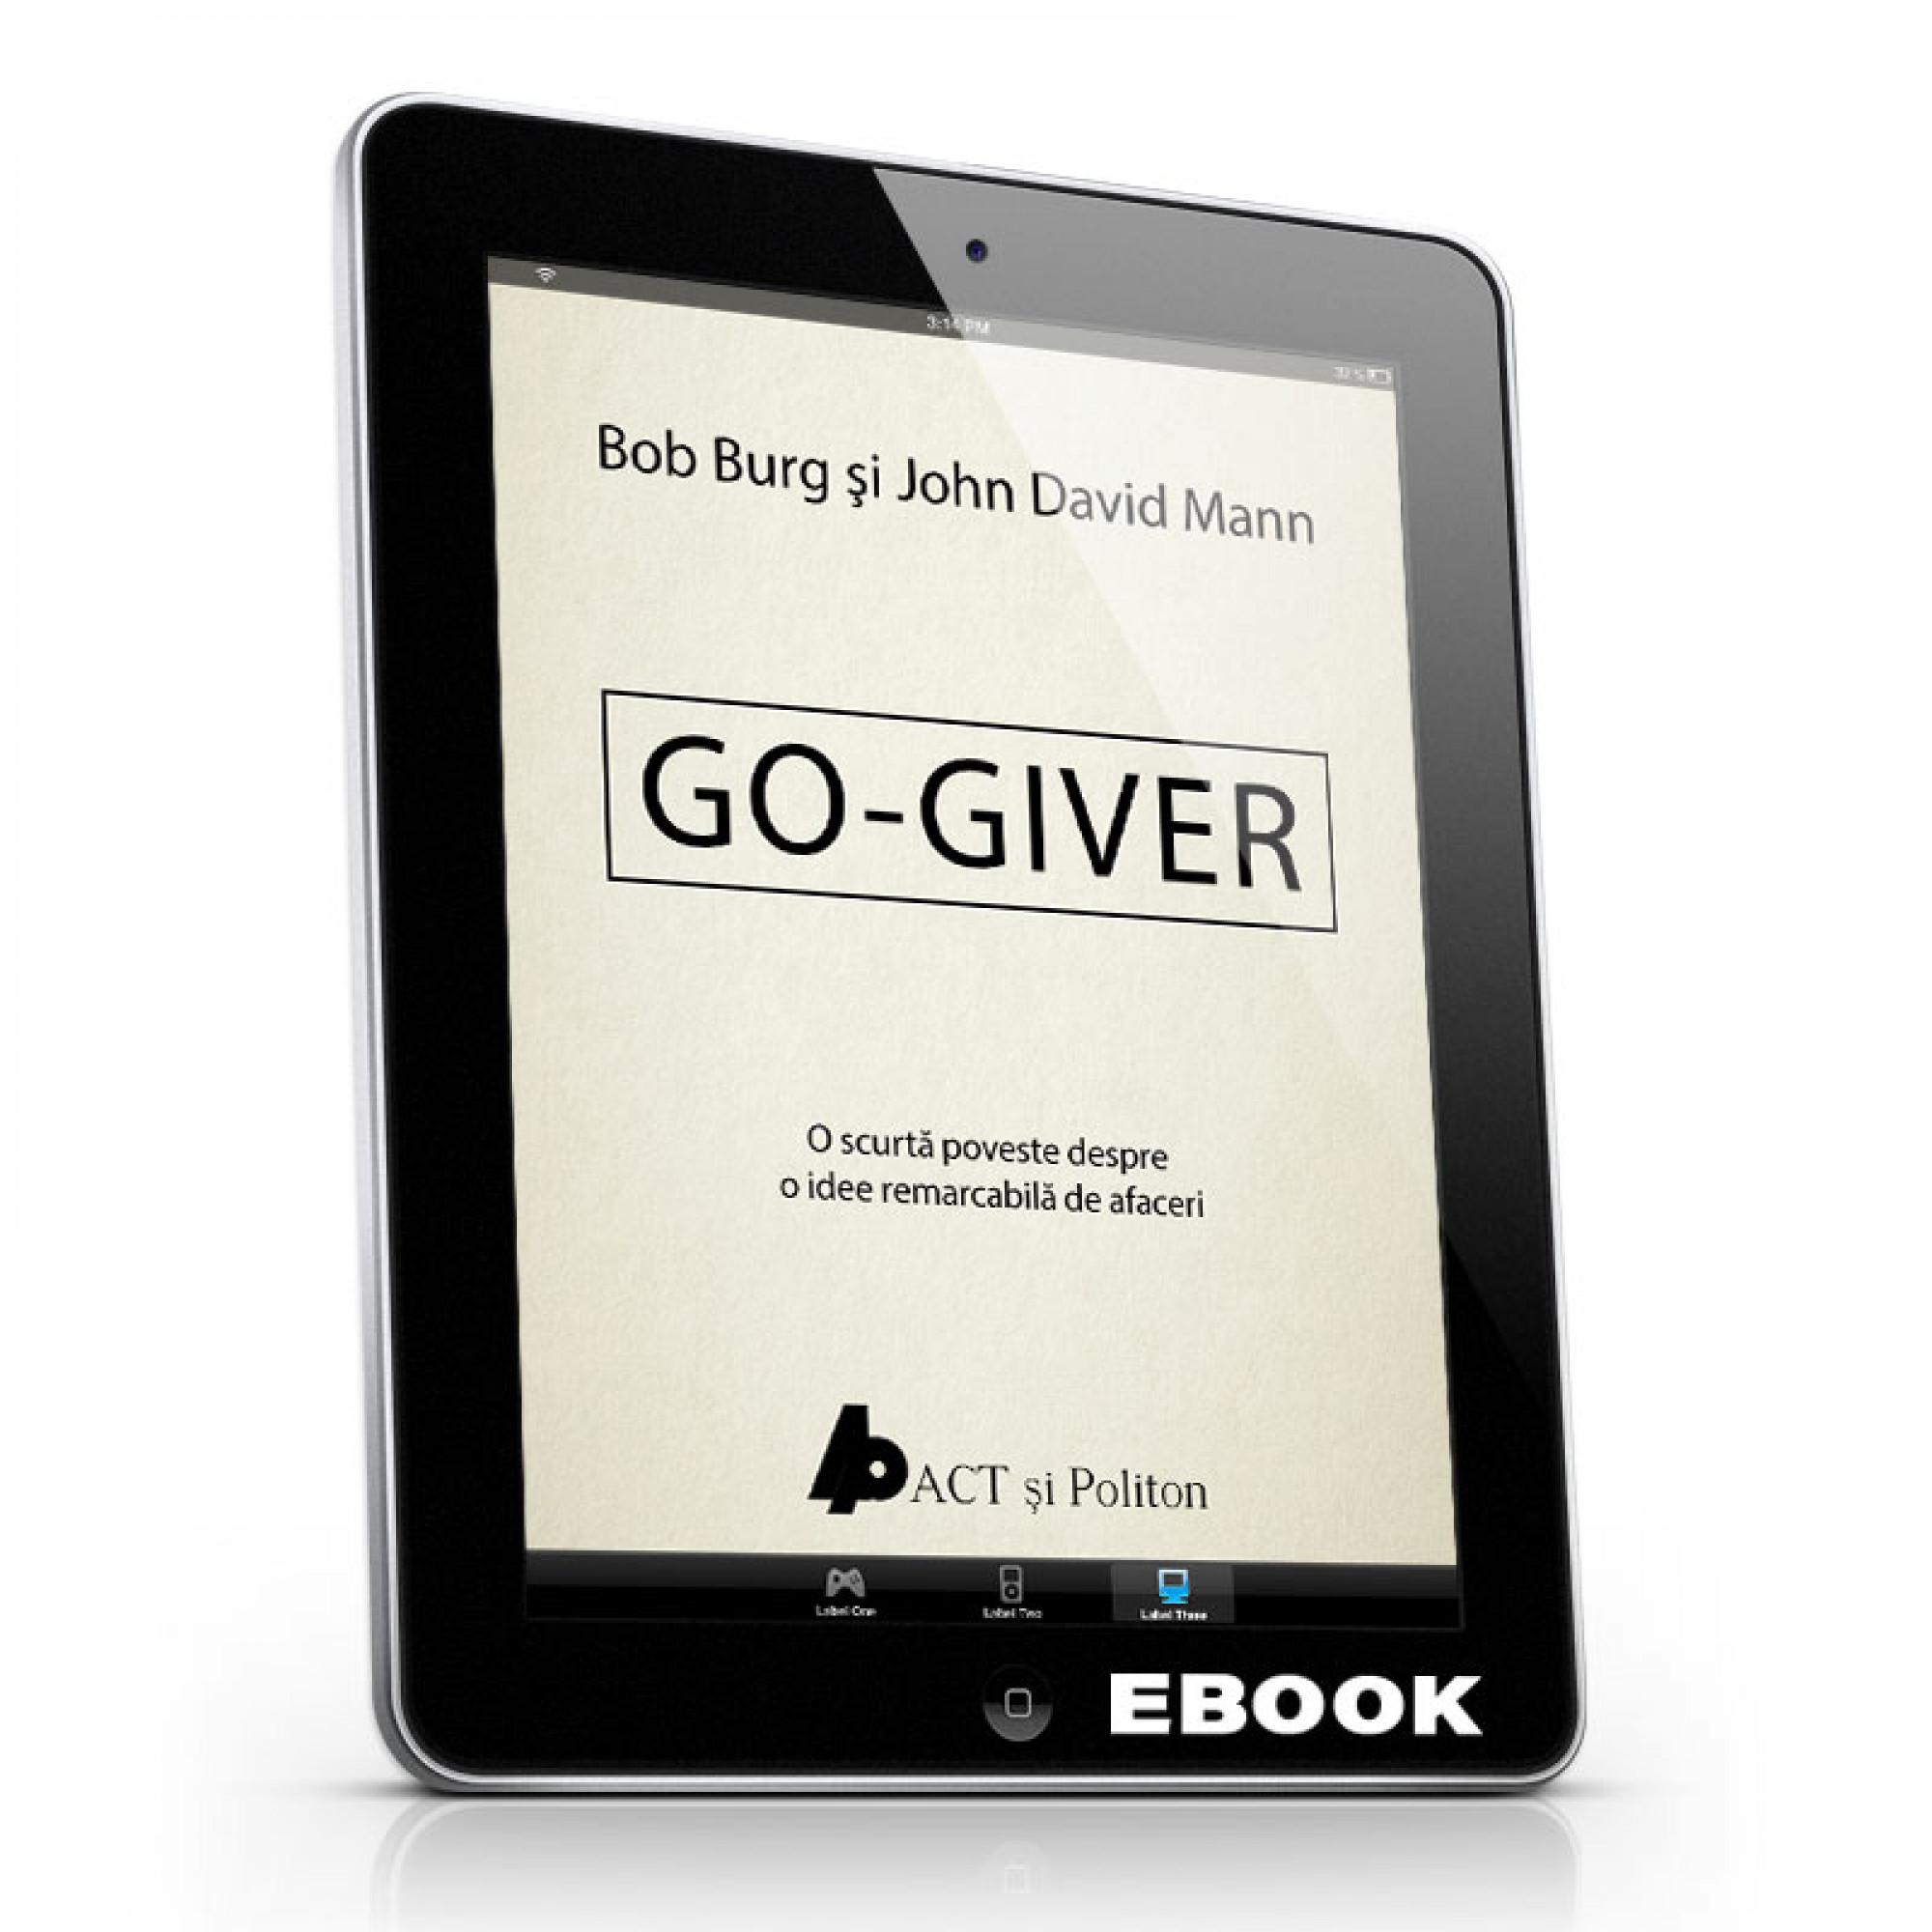 Go-giver. O scurtă poveste despre o idee remarcabilă de afaceri